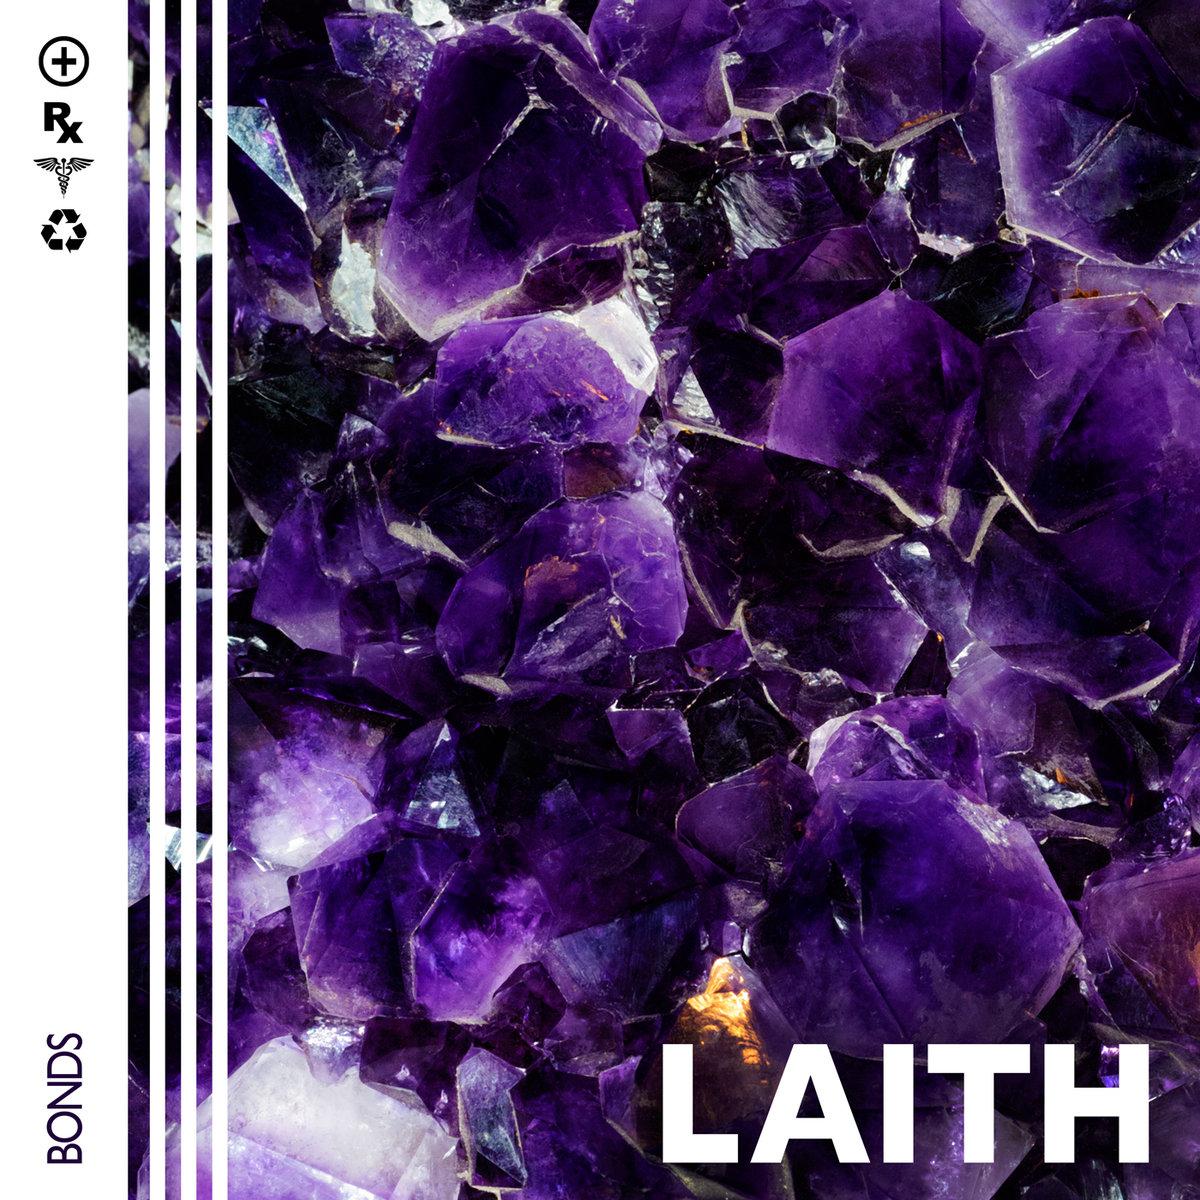 Bonds | Laith